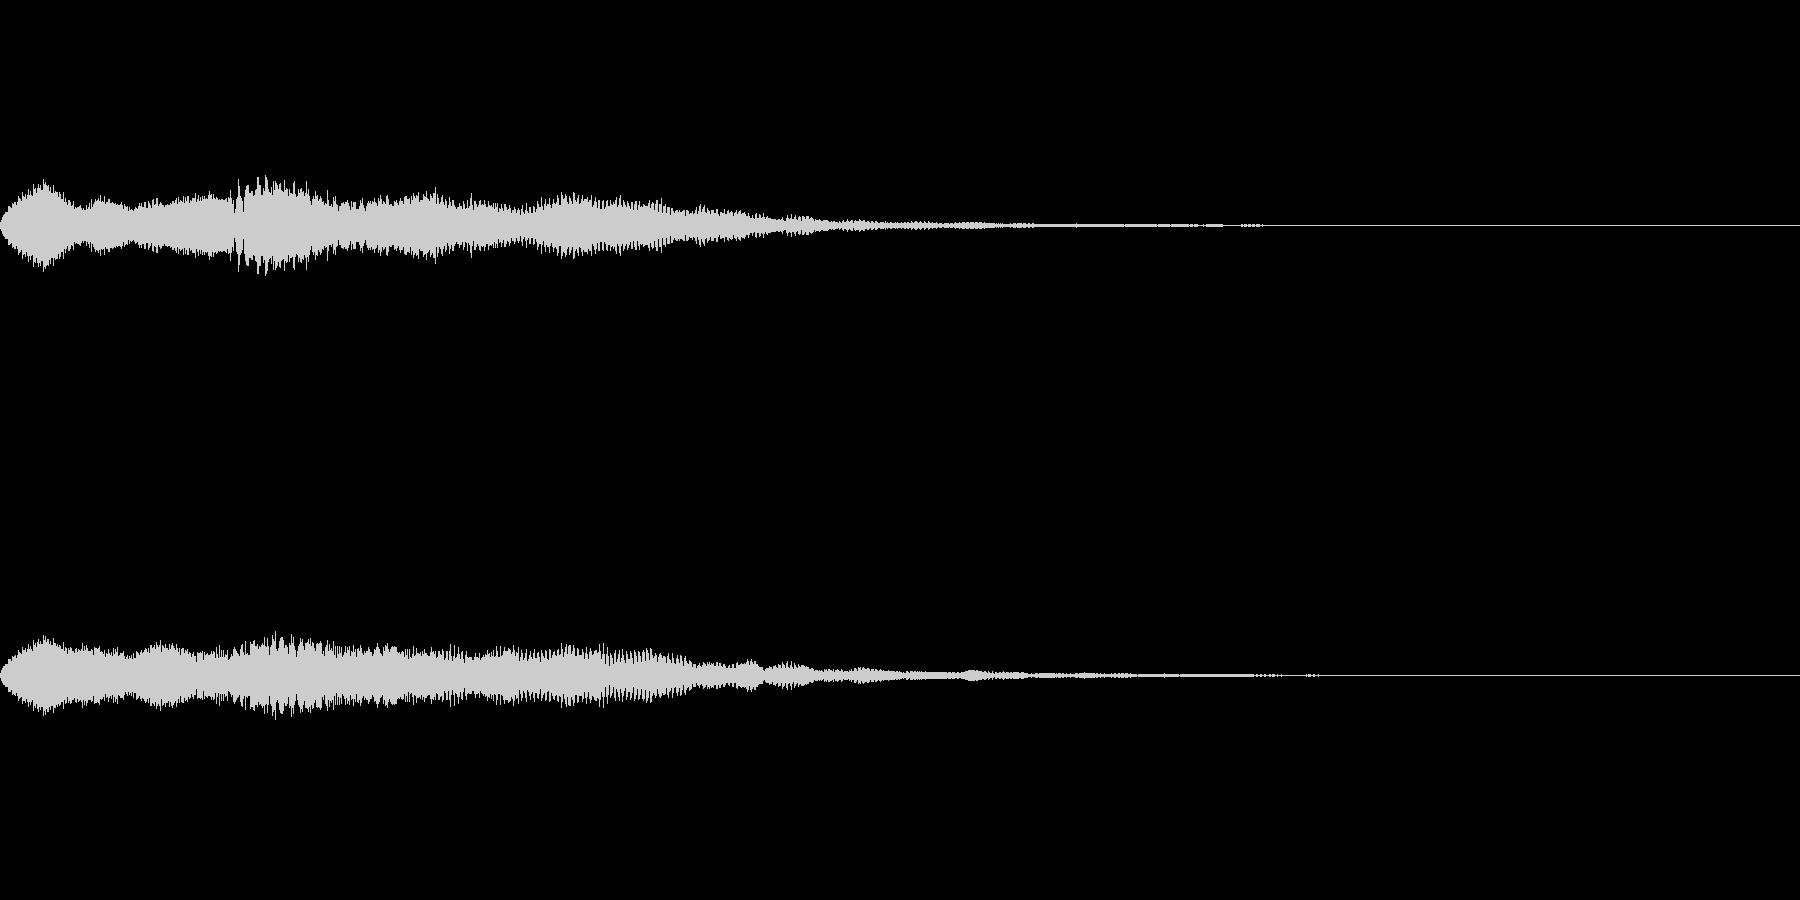 ゲームで眠った時に流れるジングル曲の未再生の波形